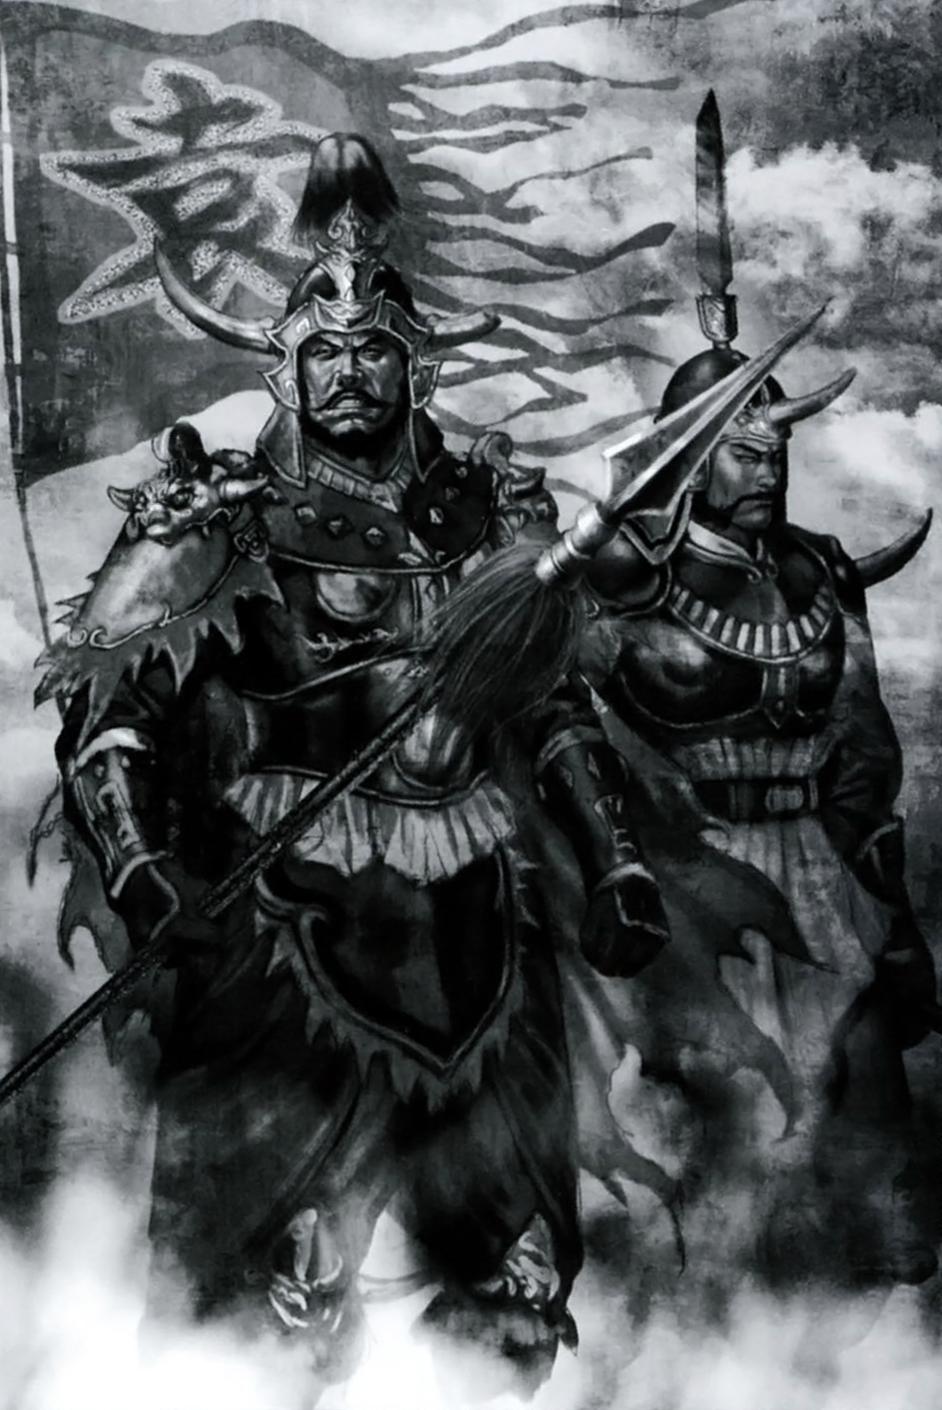 Nhan Lương, Văn Sửu vốn dĩ chỉ là một người? - Câu chuyện lạ đời về mãnh tướng của Viên Thiệu được khắc họa trong Loạn Thế Hồng Nhan - Ảnh 1.